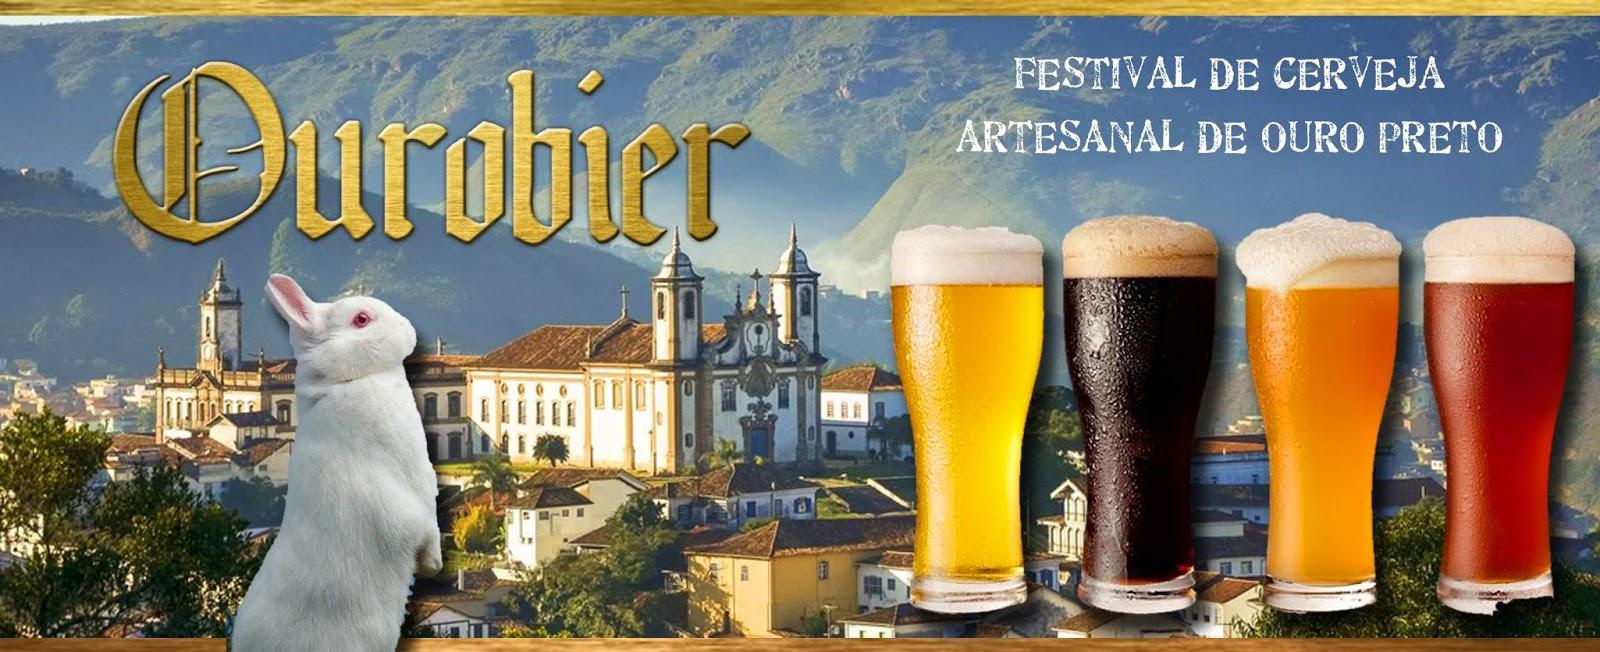 Feira Artesanato Goiania ~ Festival de Cerveja Artesanal de Ouro Preto u2013 NINKASI BEER CLUB